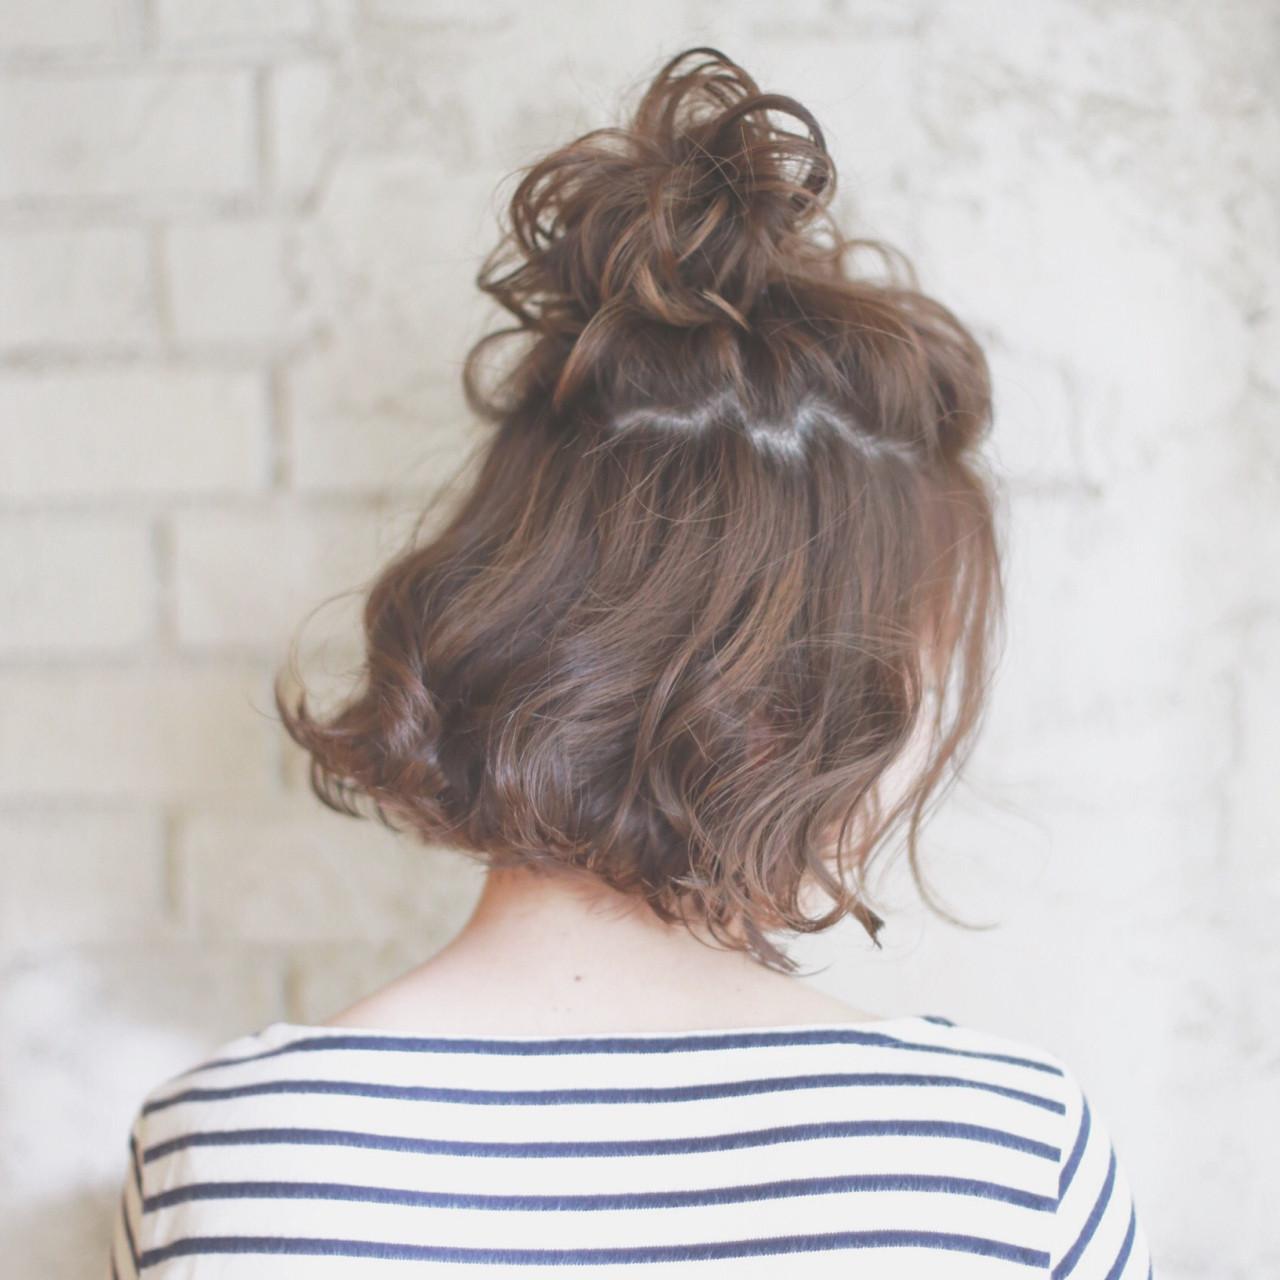 可愛いあの子の秘密は髪型にあった?可愛いが溢れるハーフアップヘアの6枚目の画像